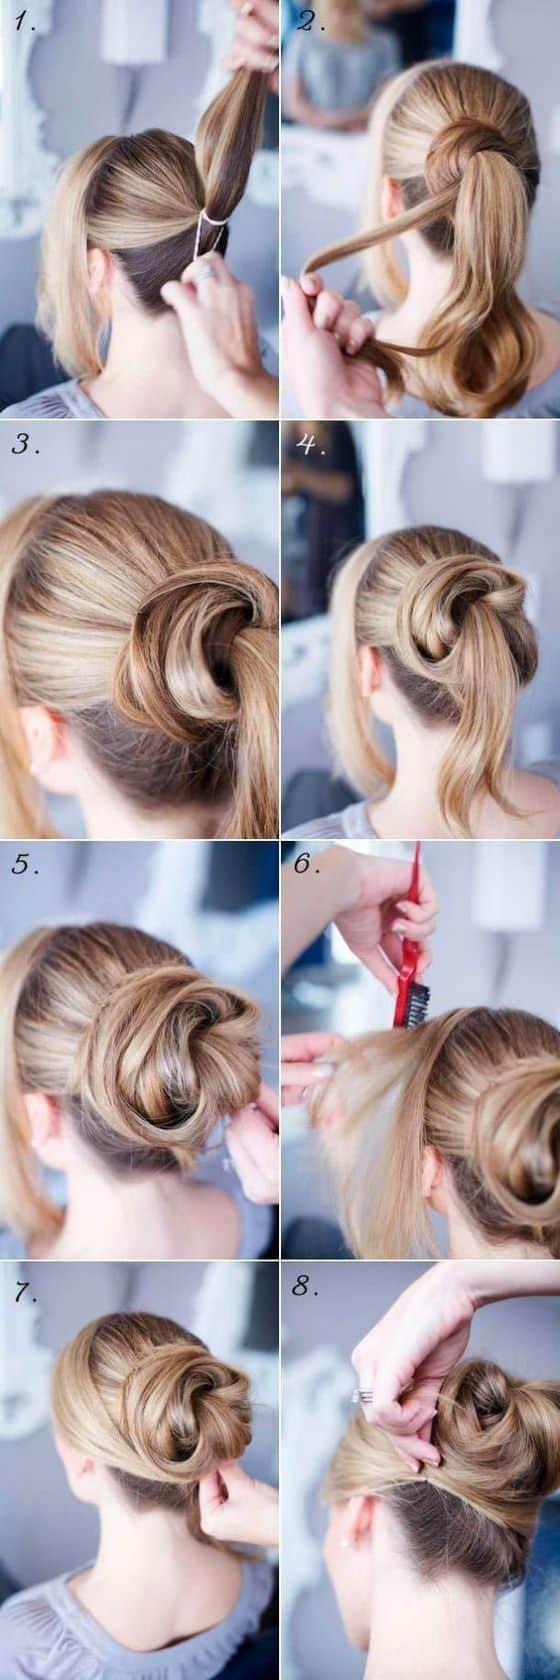 peinado recogido de moda paso a paso